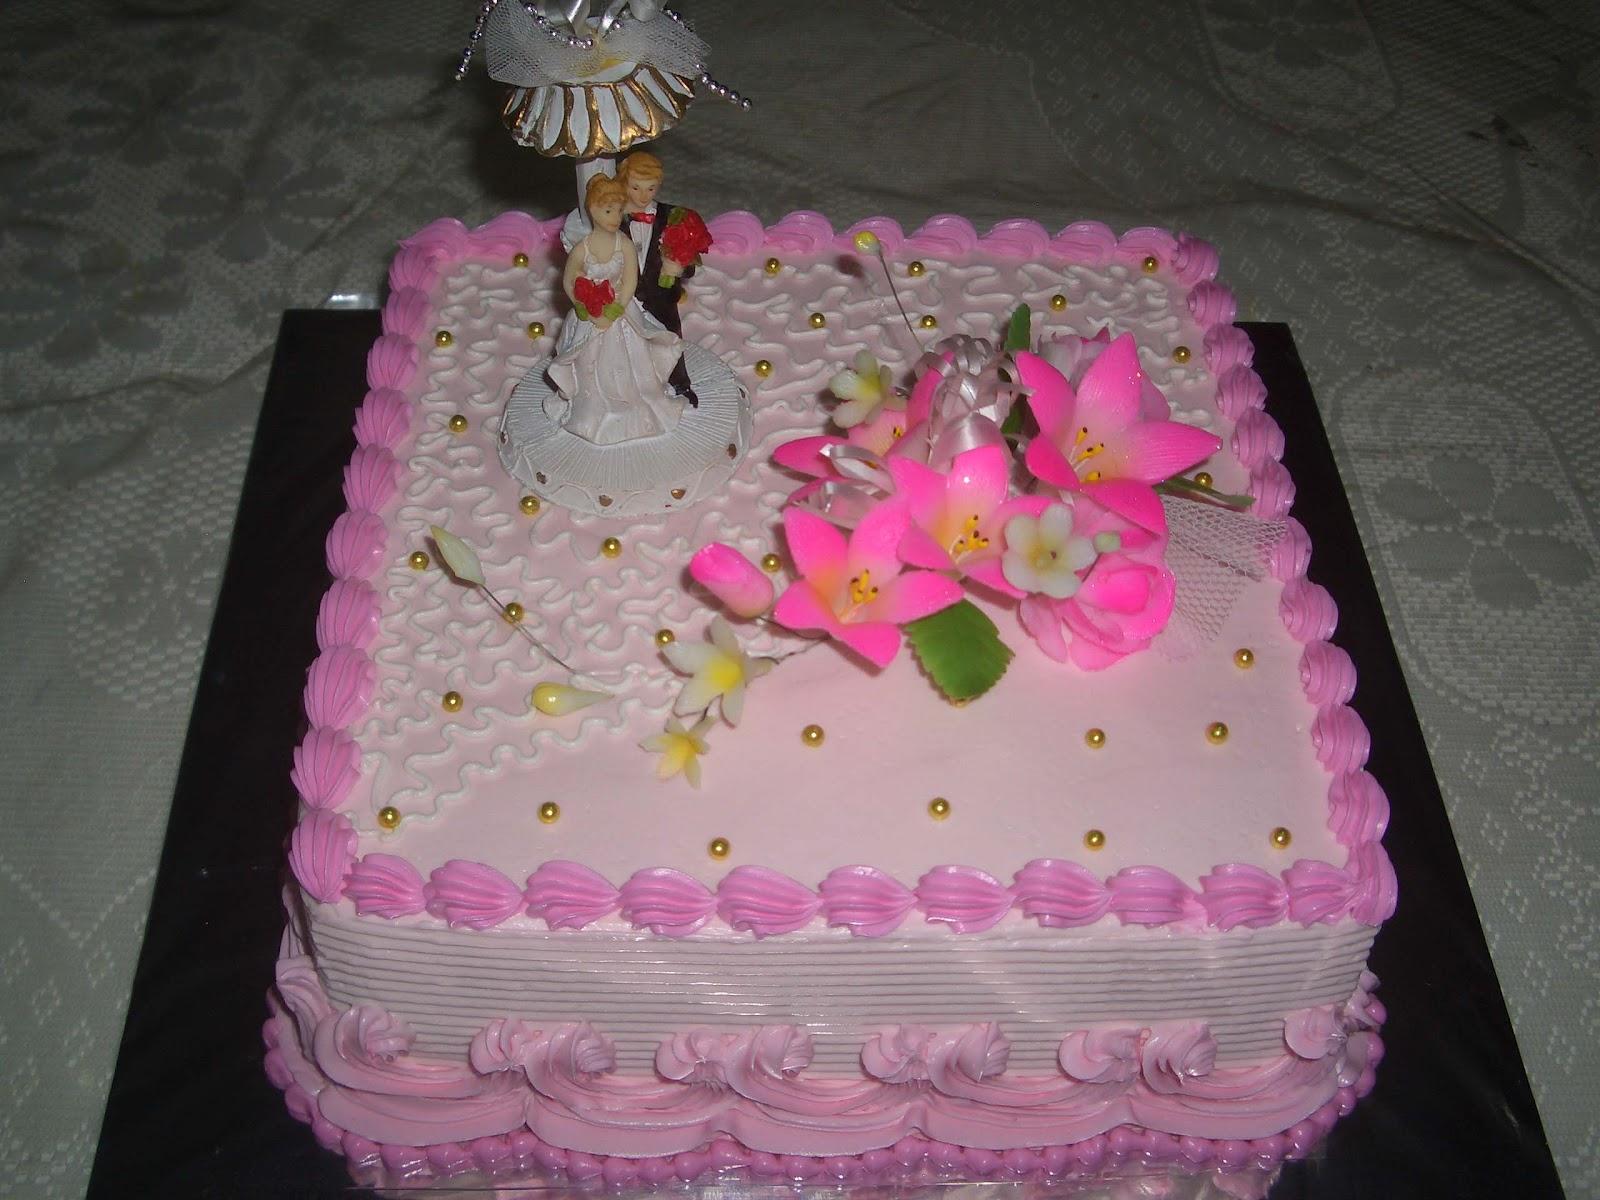 Kue Tart Pengantin Cake Ideas and Designs